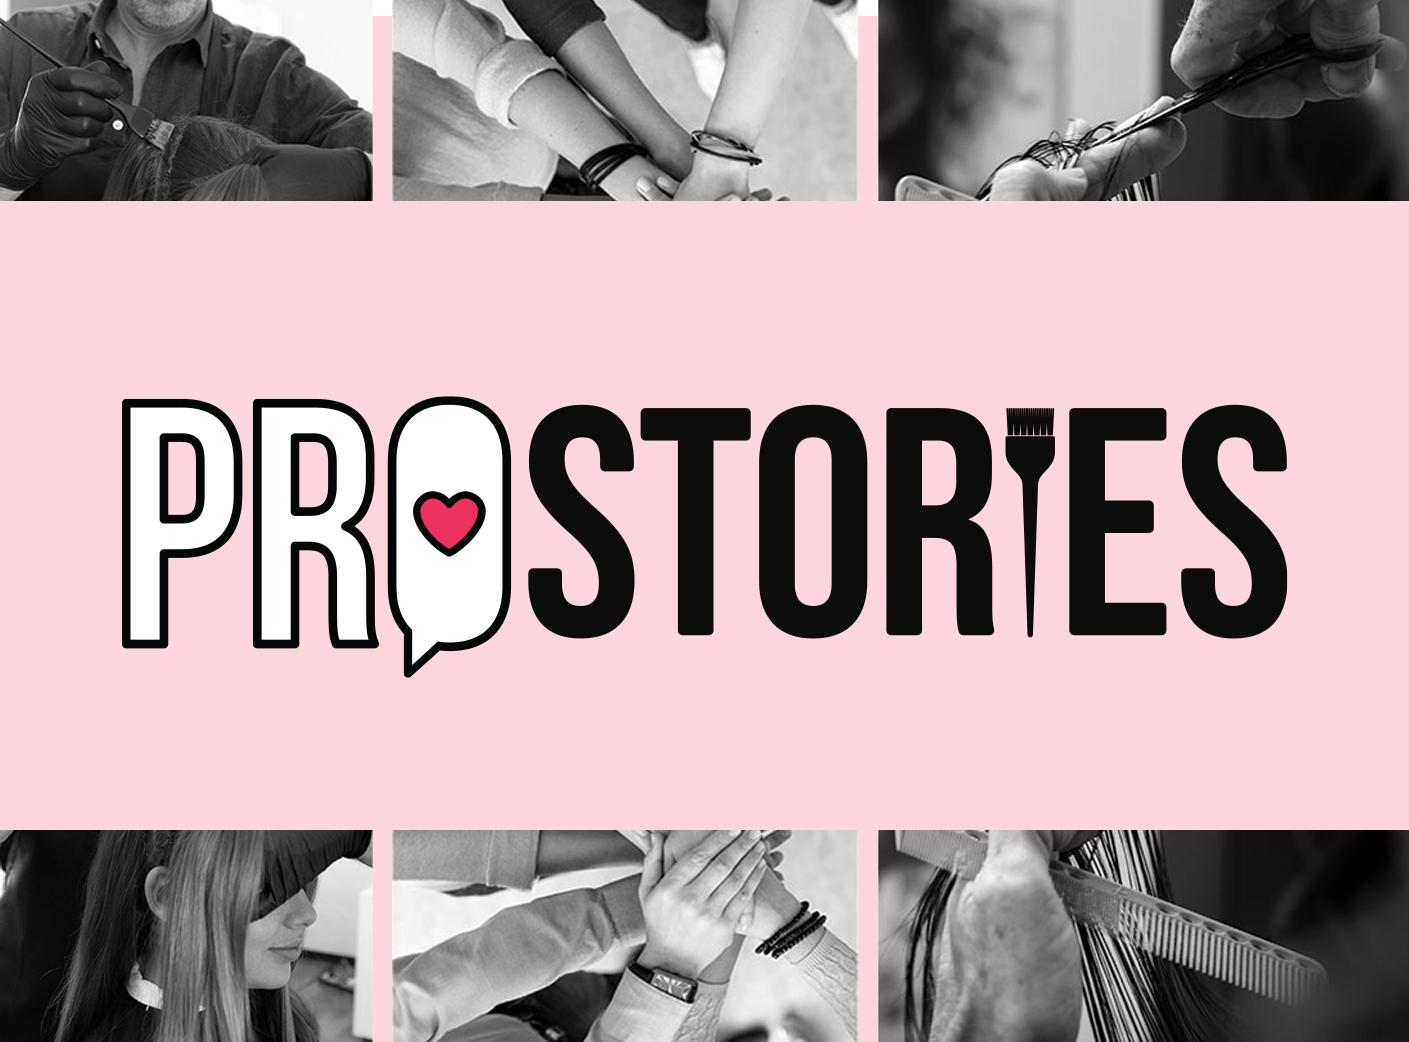 Prostories